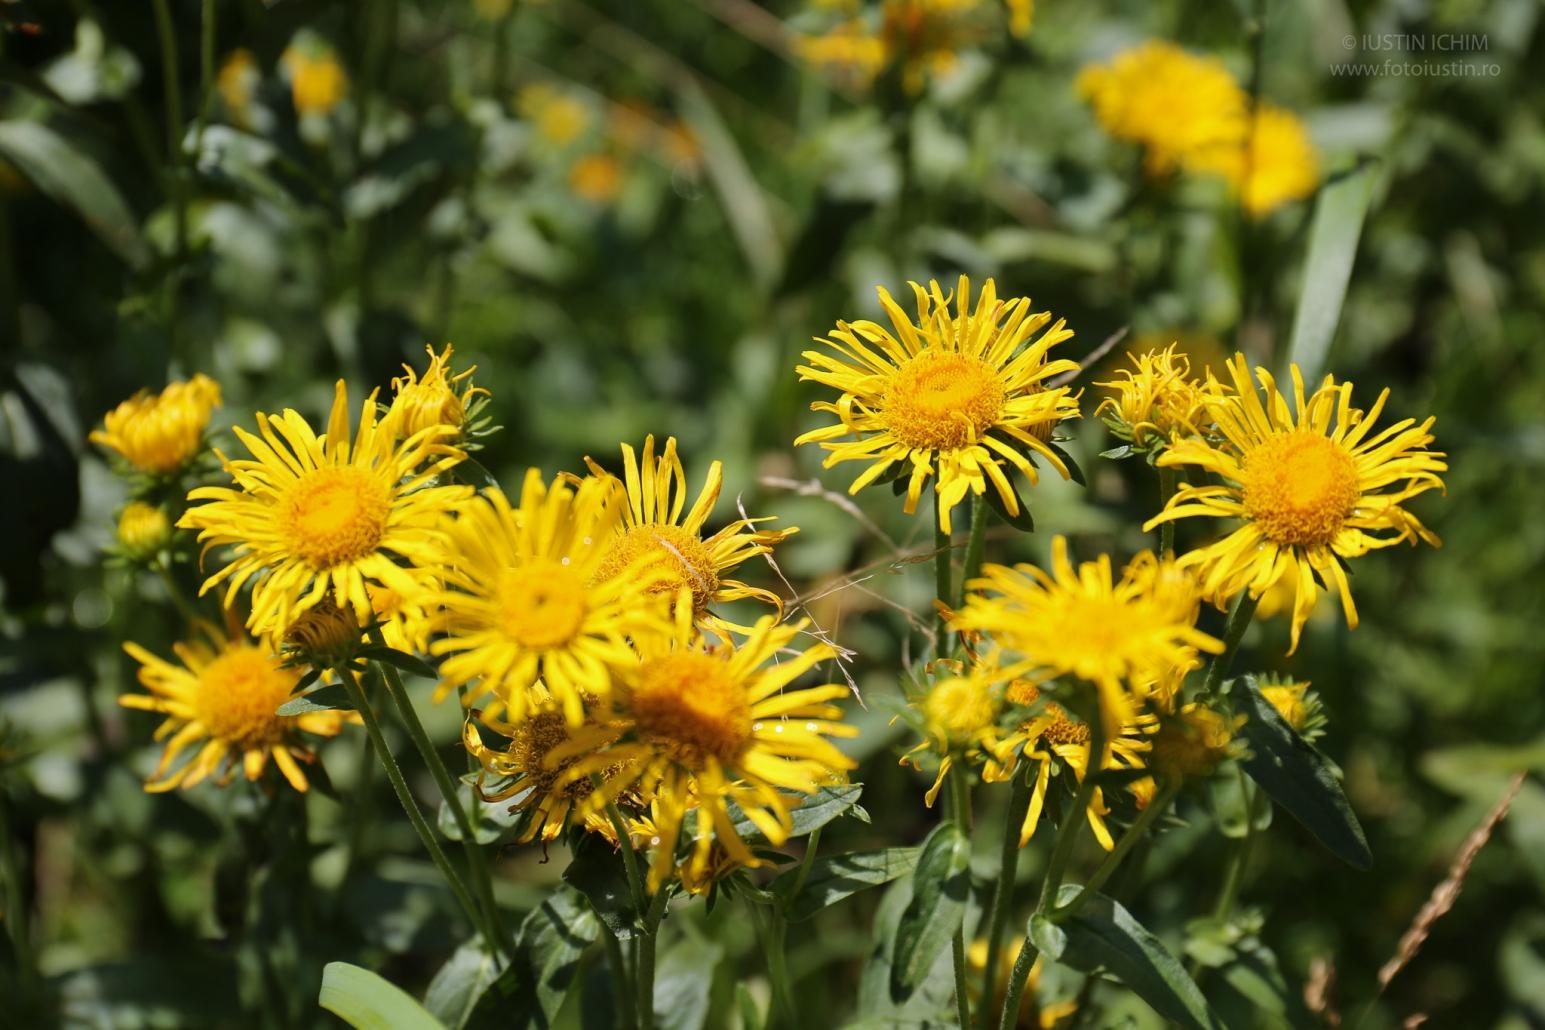 Inula helenium, Iarbă mare, Plante medicinale